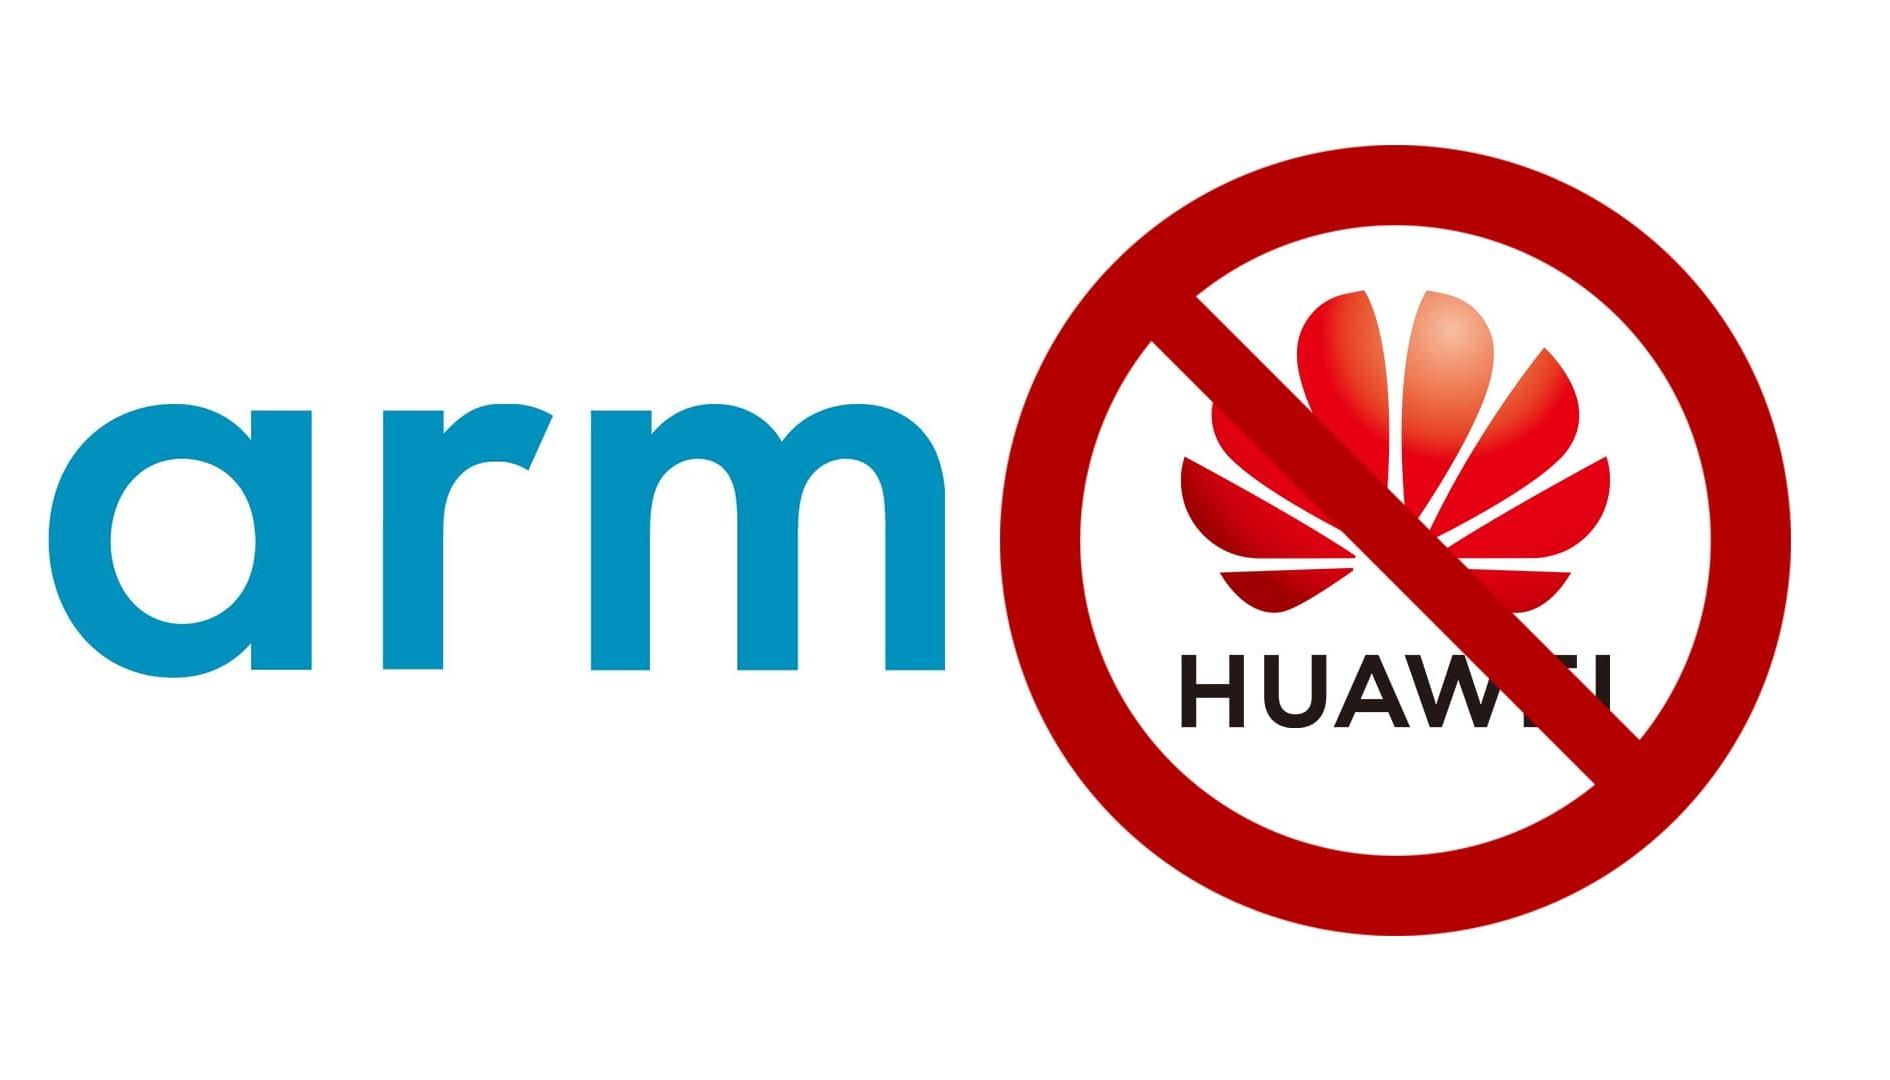 Huawei Ban: danno enorme per Arm ed il settore, dice il fondatore del chip designer